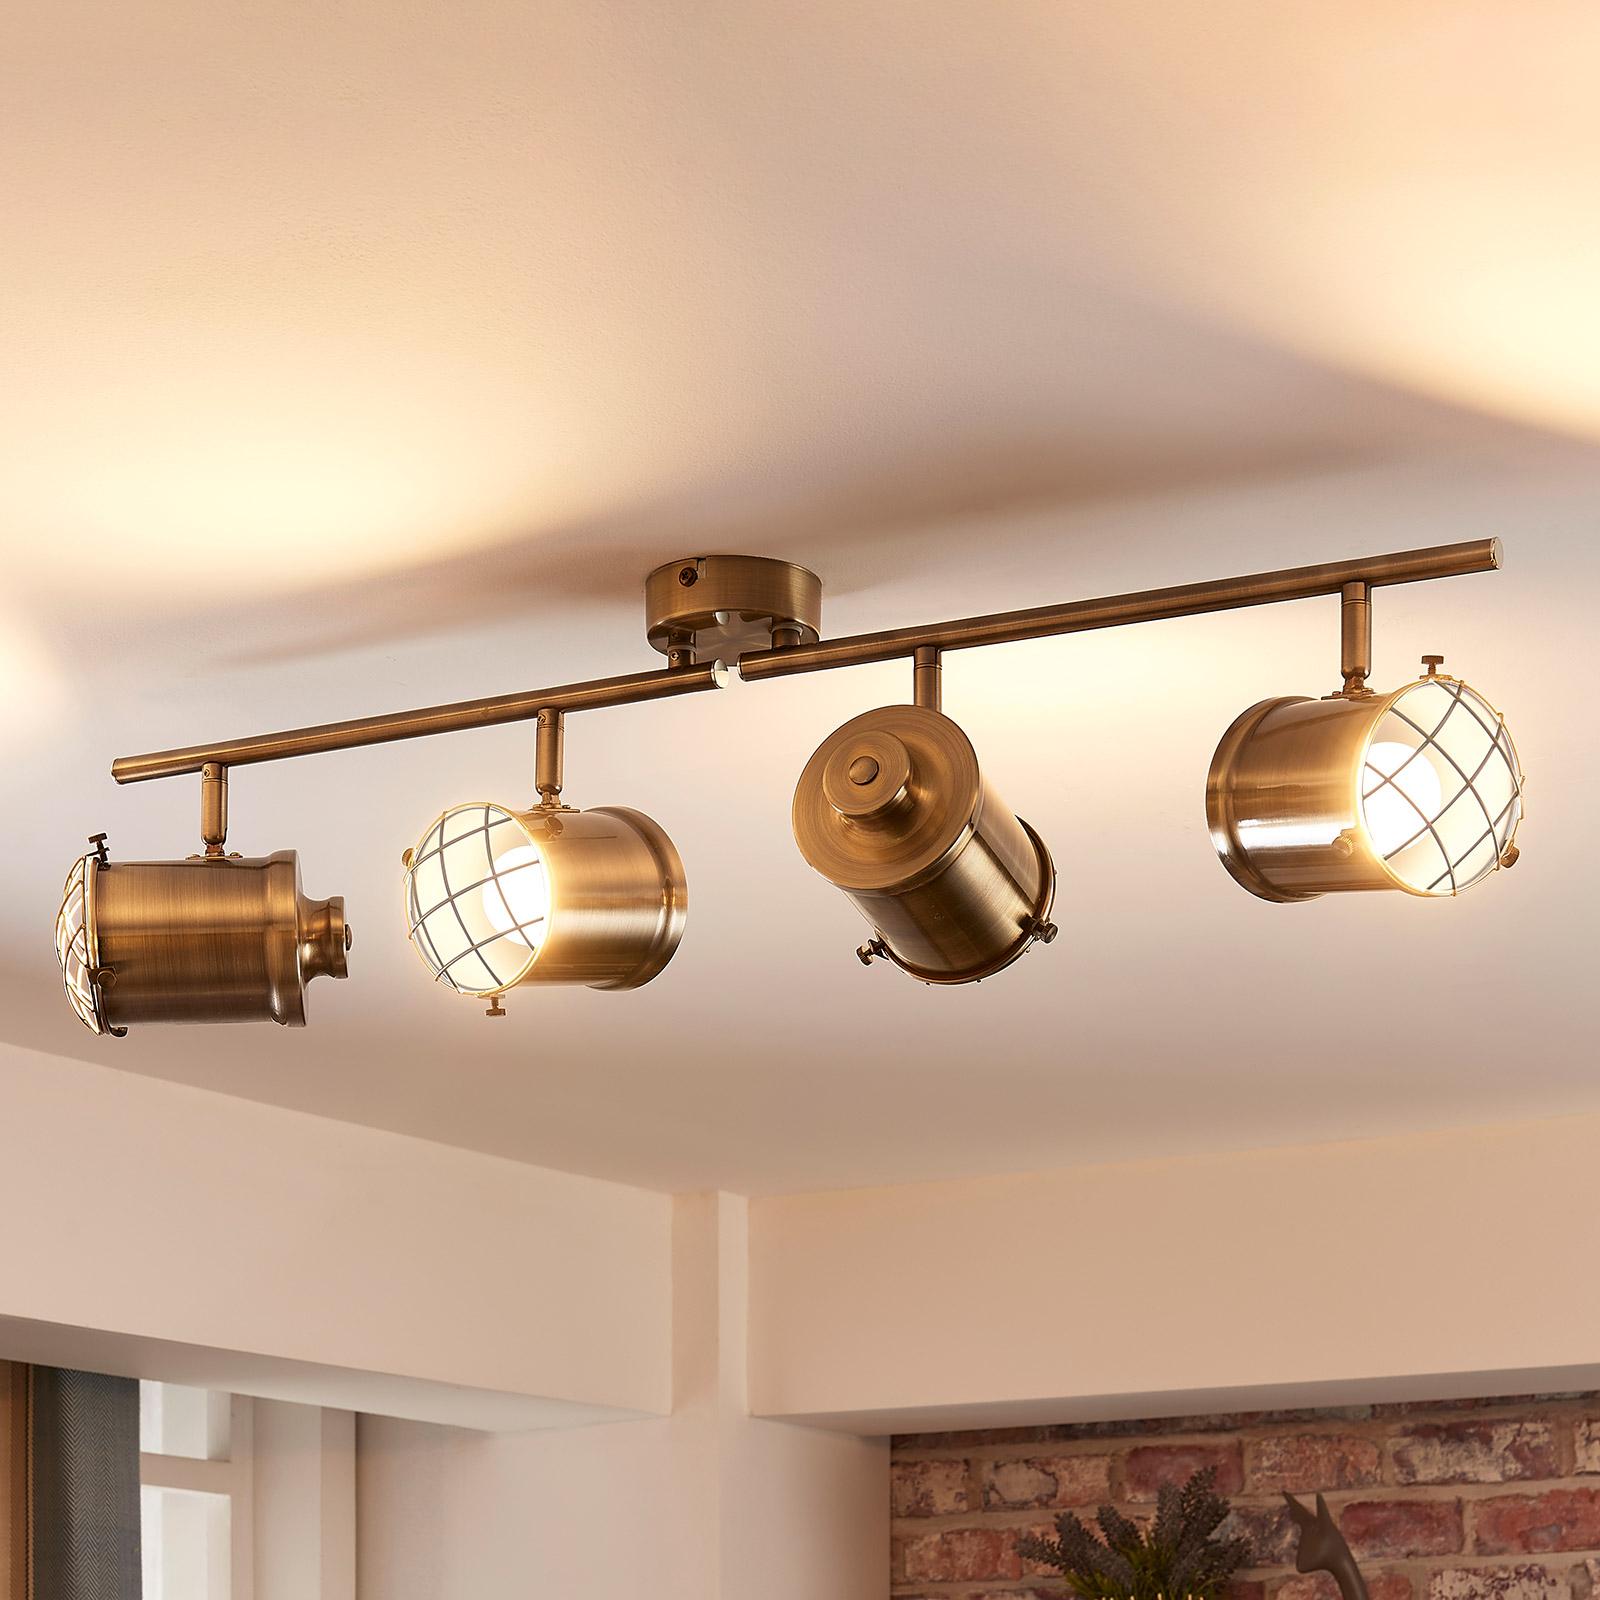 LED-taklampa Ebbi med 4 ljuskällor, easydim